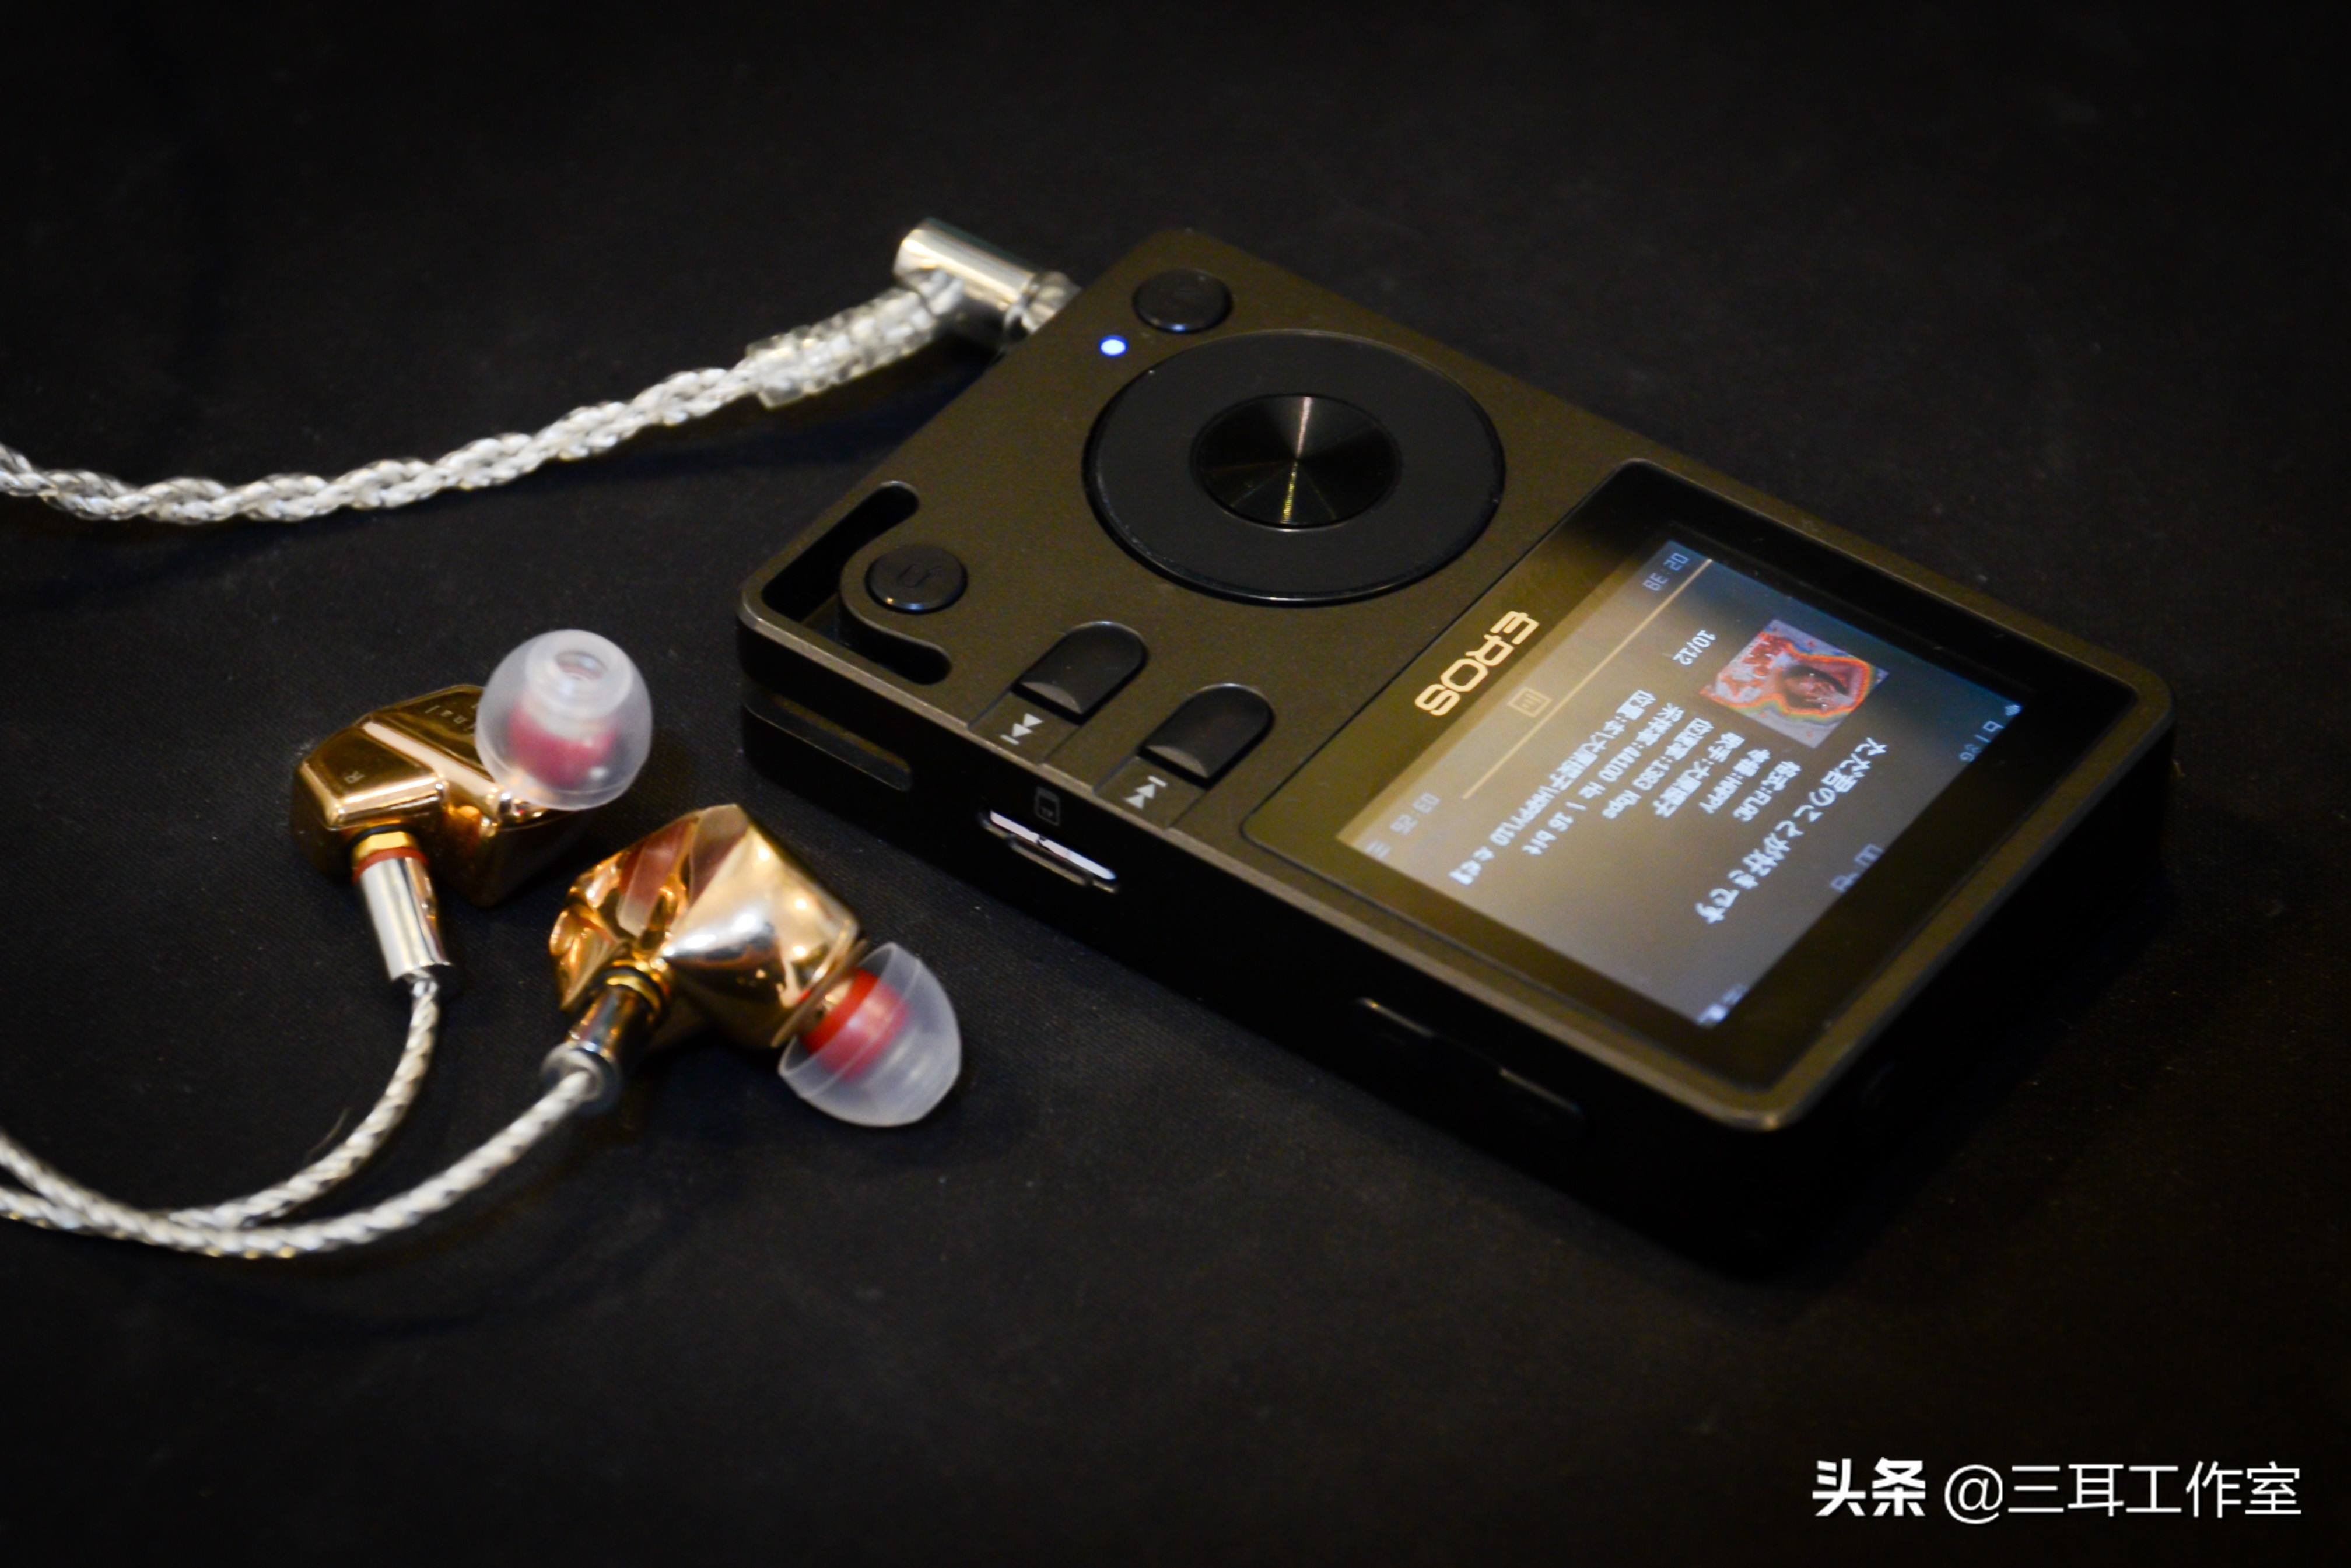 """国产MP3的""""活化石""""品牌出新品了,外观很复古声音很HiFi"""